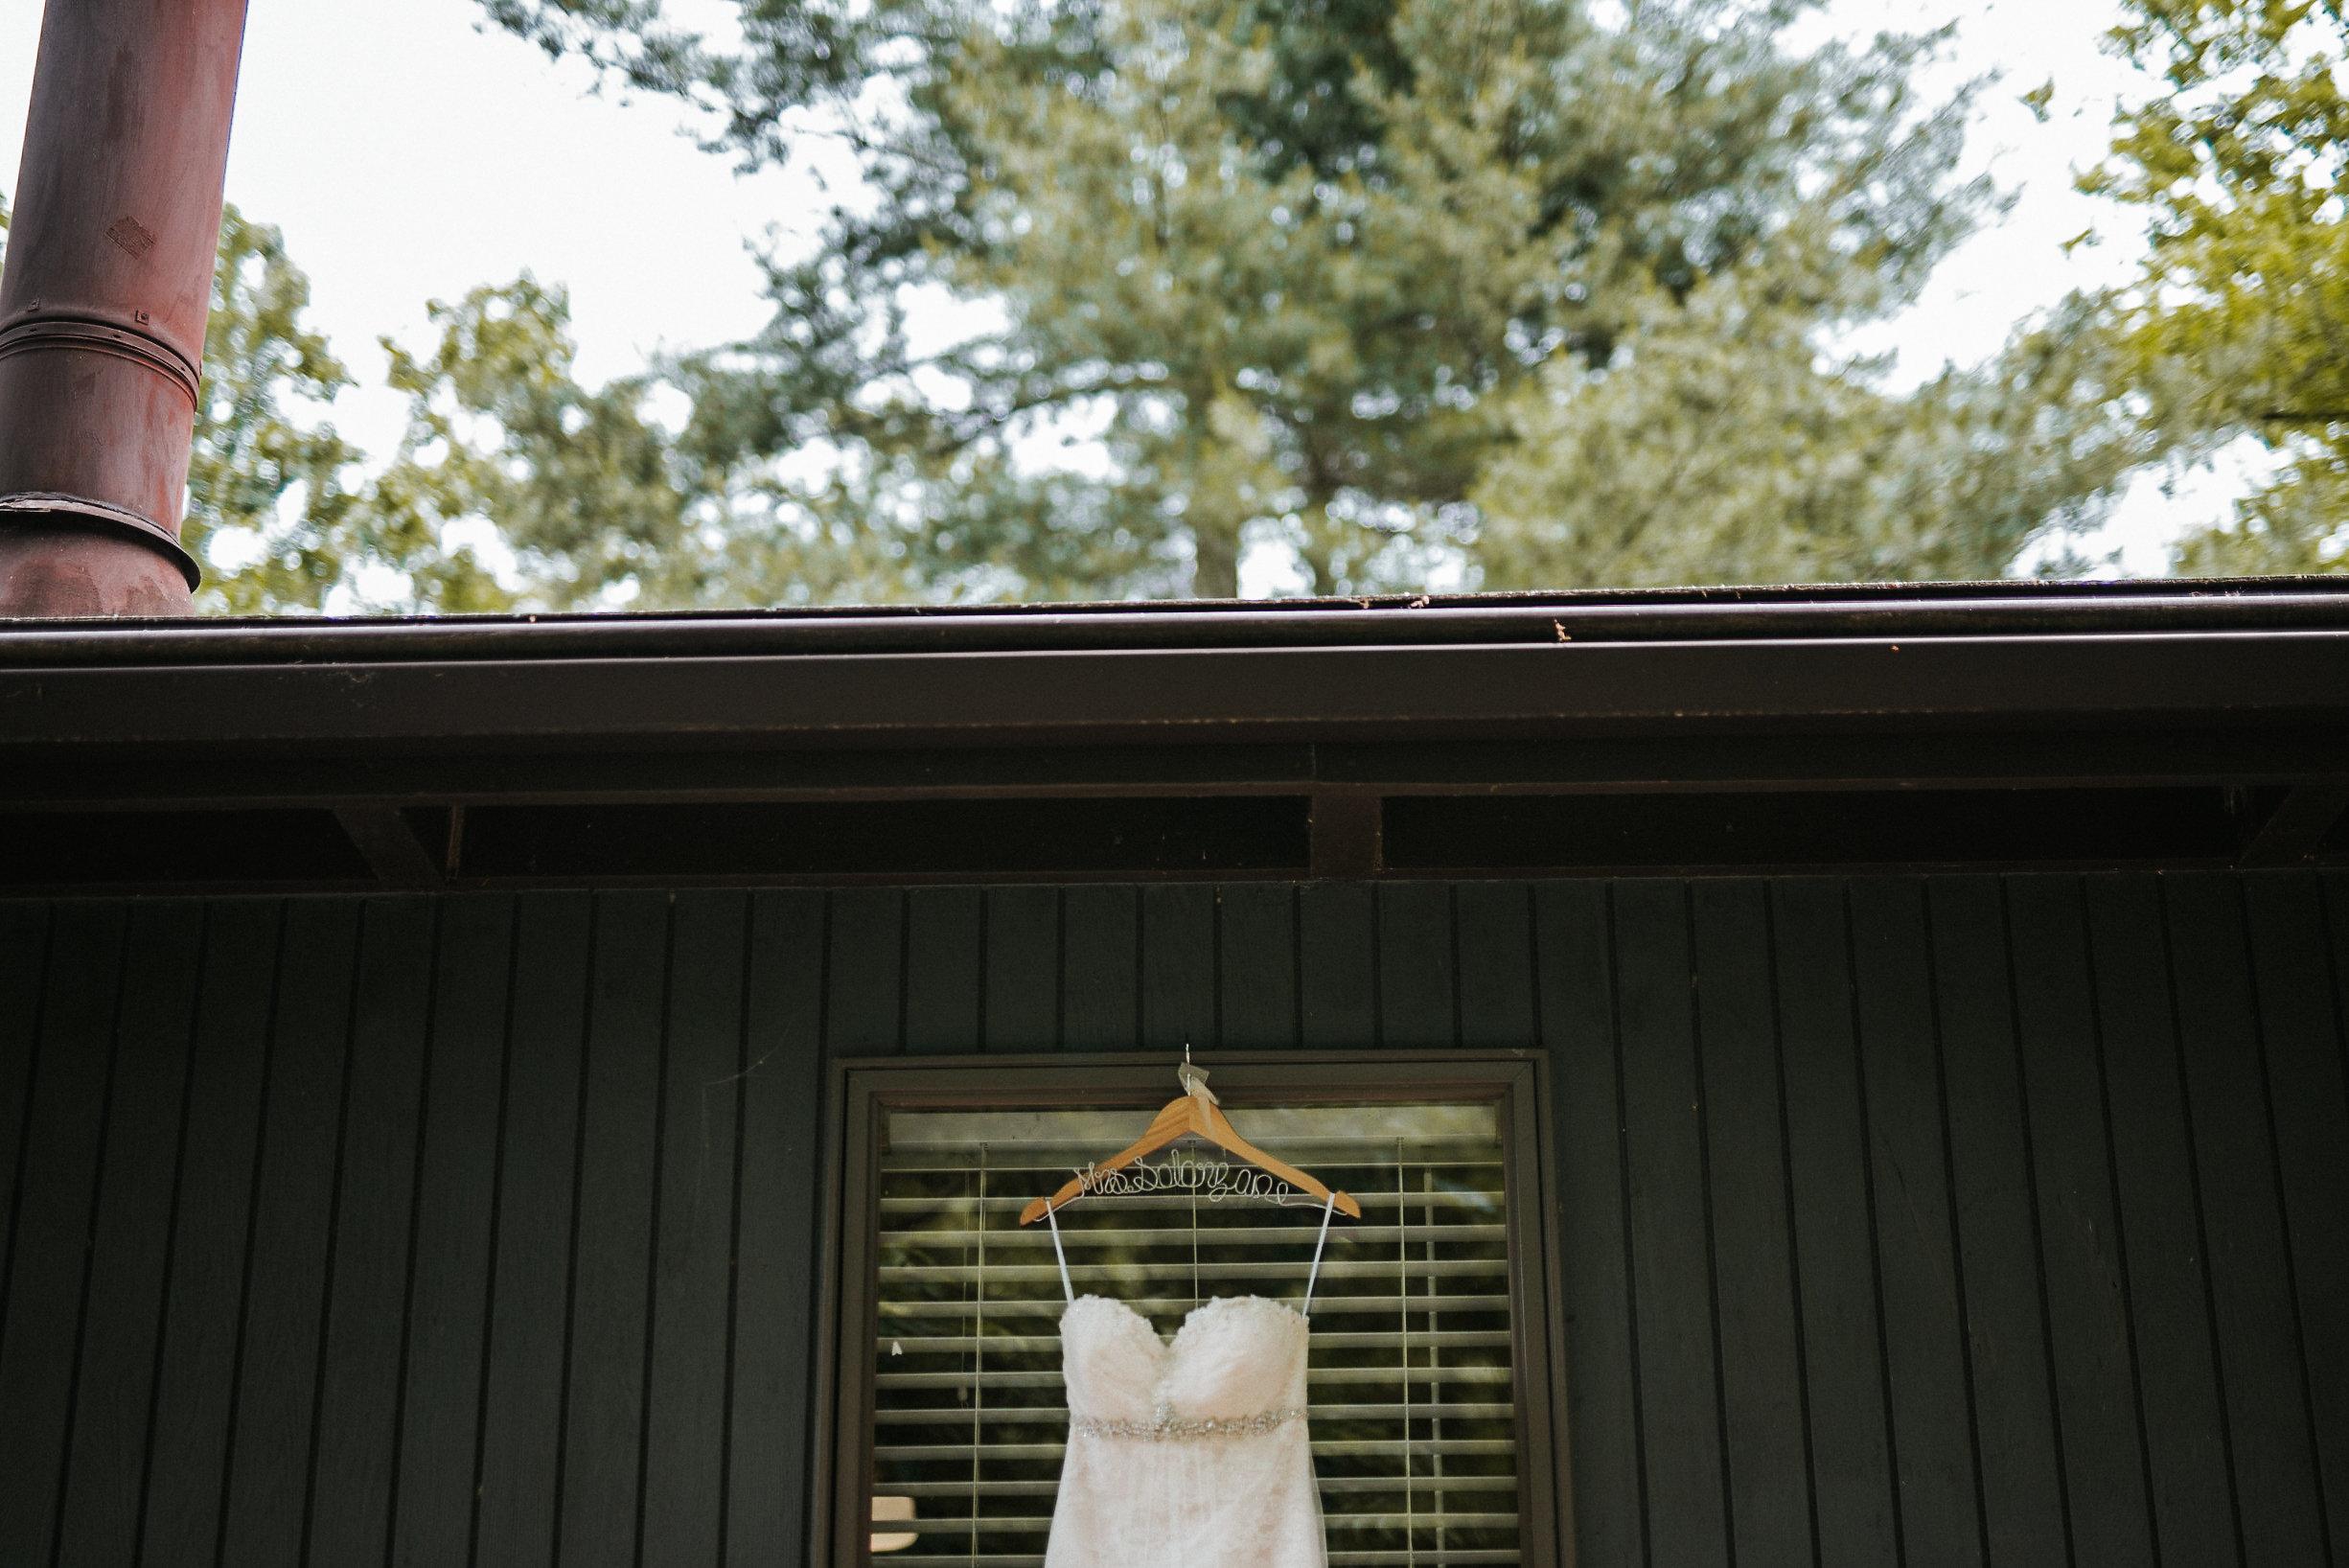 Bridal dress on hanger